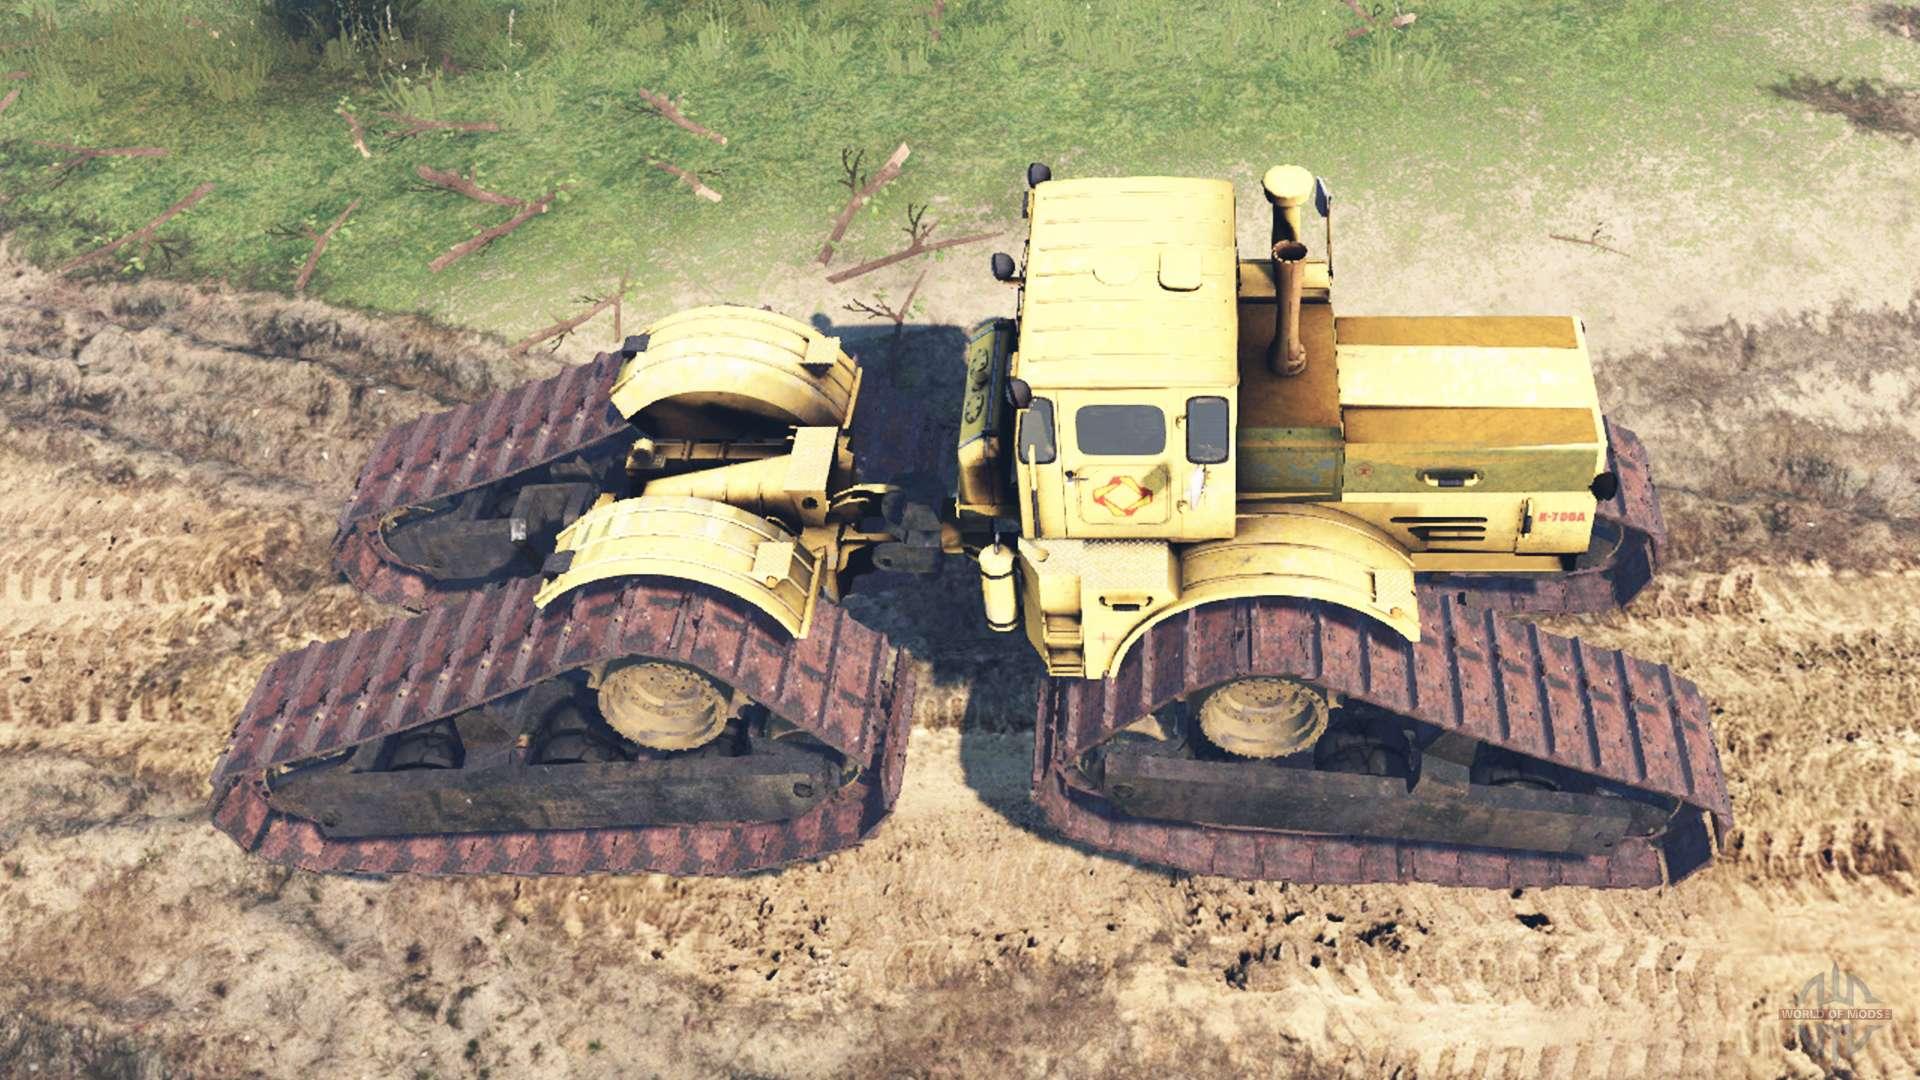 Битва тракторов, кировец к-700 vs гусеничный т-100, кто кого?